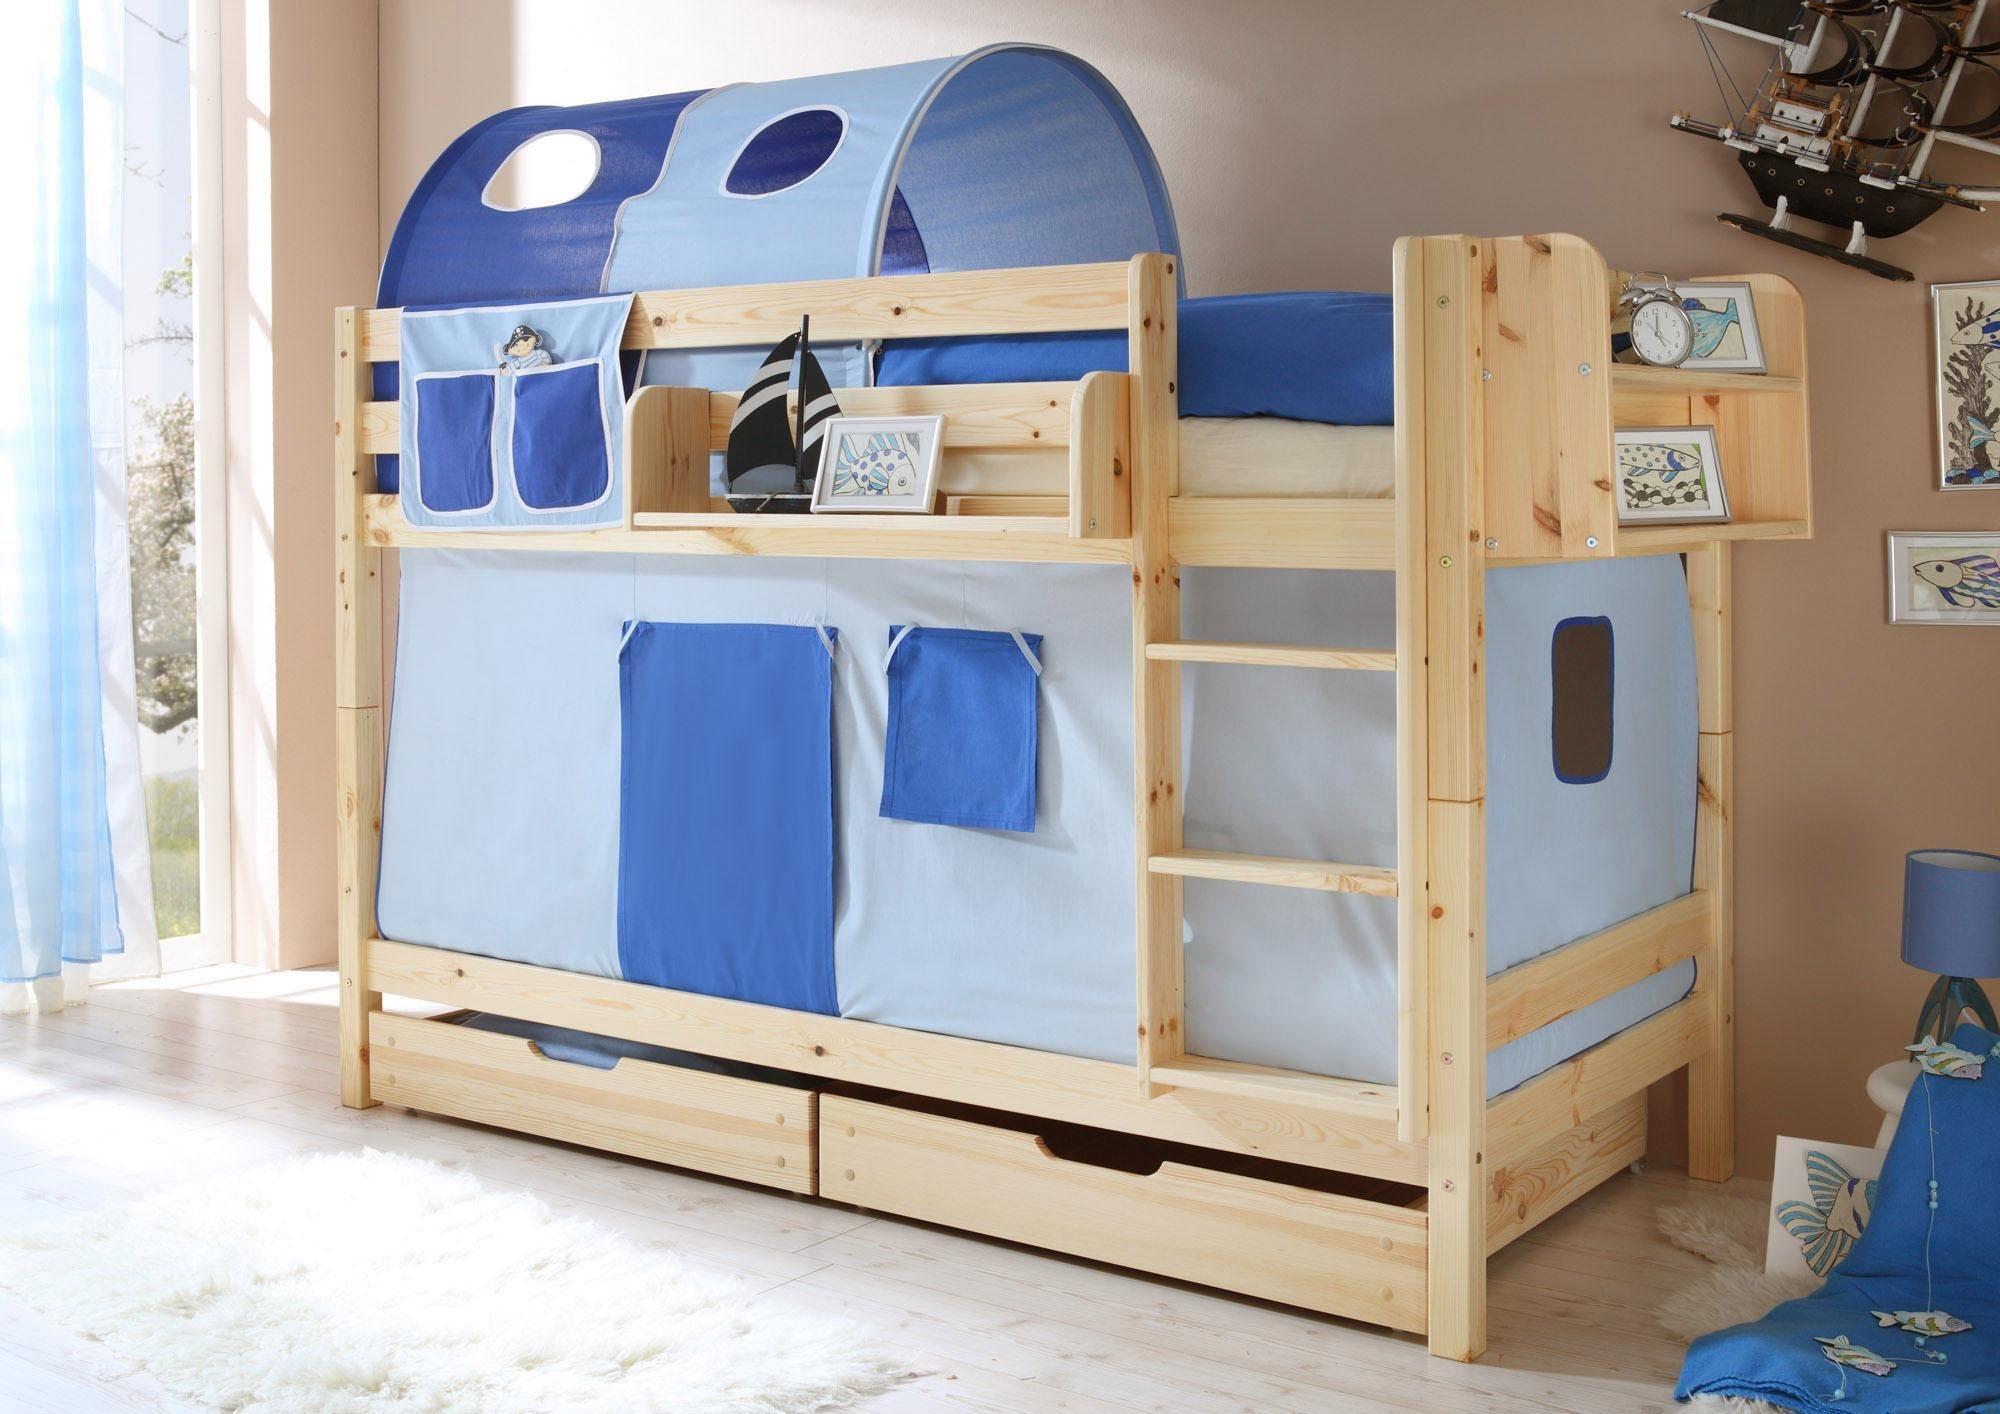 Ticaa Einzel-/Etagenbett »Lio« mit Textil-Set, Kiefer massiv natur lackiert | Kinderzimmer > Kinderbetten > Etagenbetten | Kiefer - Textil - Baumwolle | Ticaa